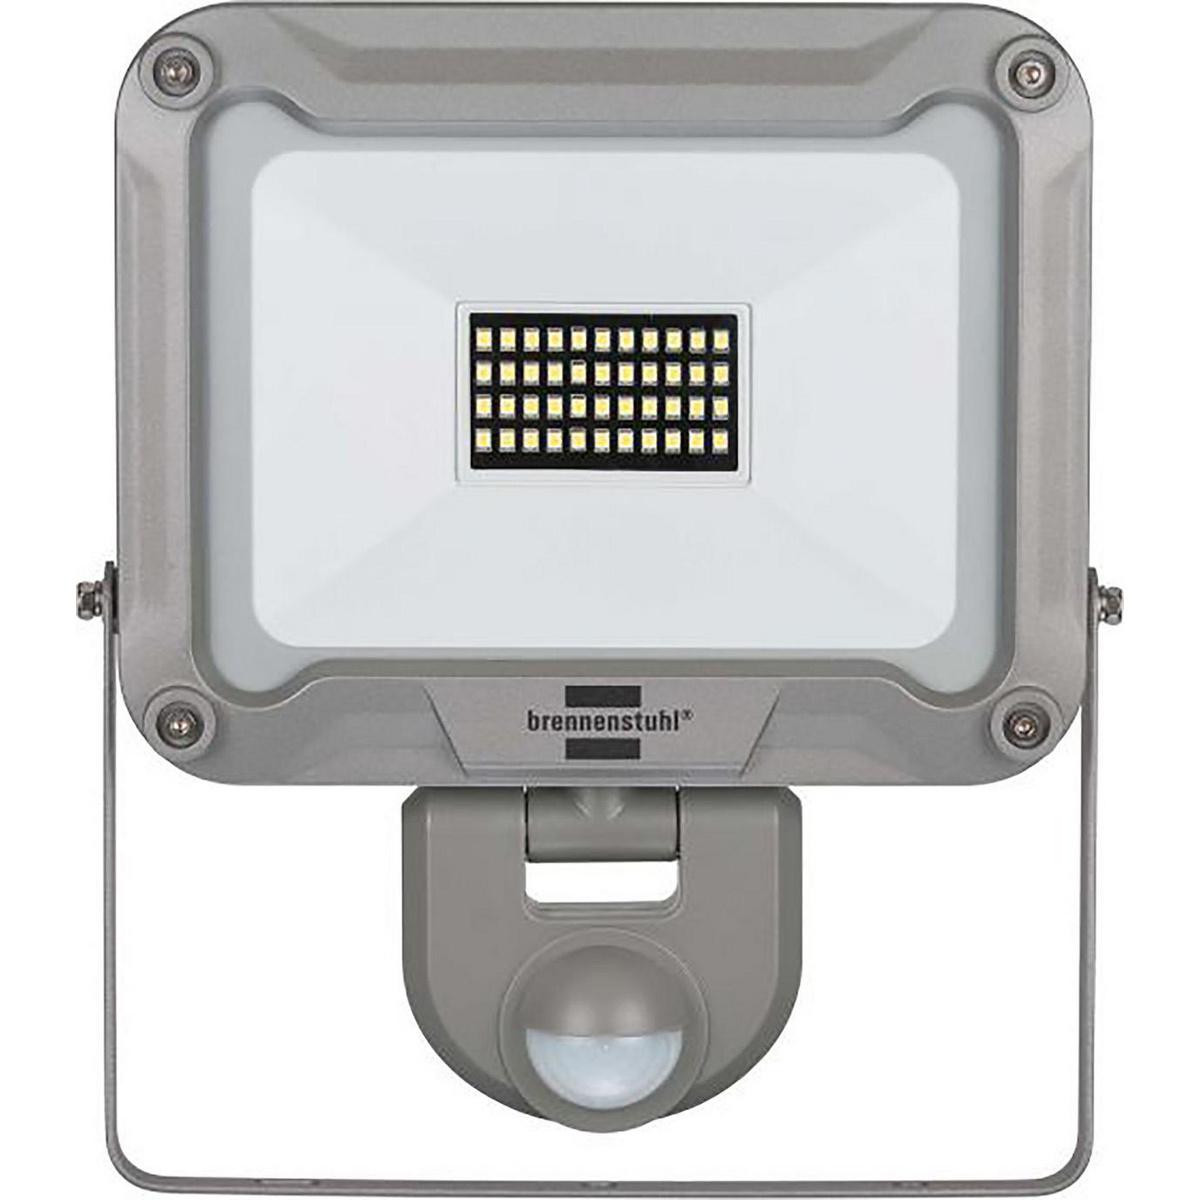 Convient pour une installation intérieure et extérieure, IP 44. Lampe puissante 50 WLED avec puce pour montage mural, avec une distribution lumineuse extra large pour éclairer une grande surface. Idéal pour les amateurs, les ateliers et les chantiers de c